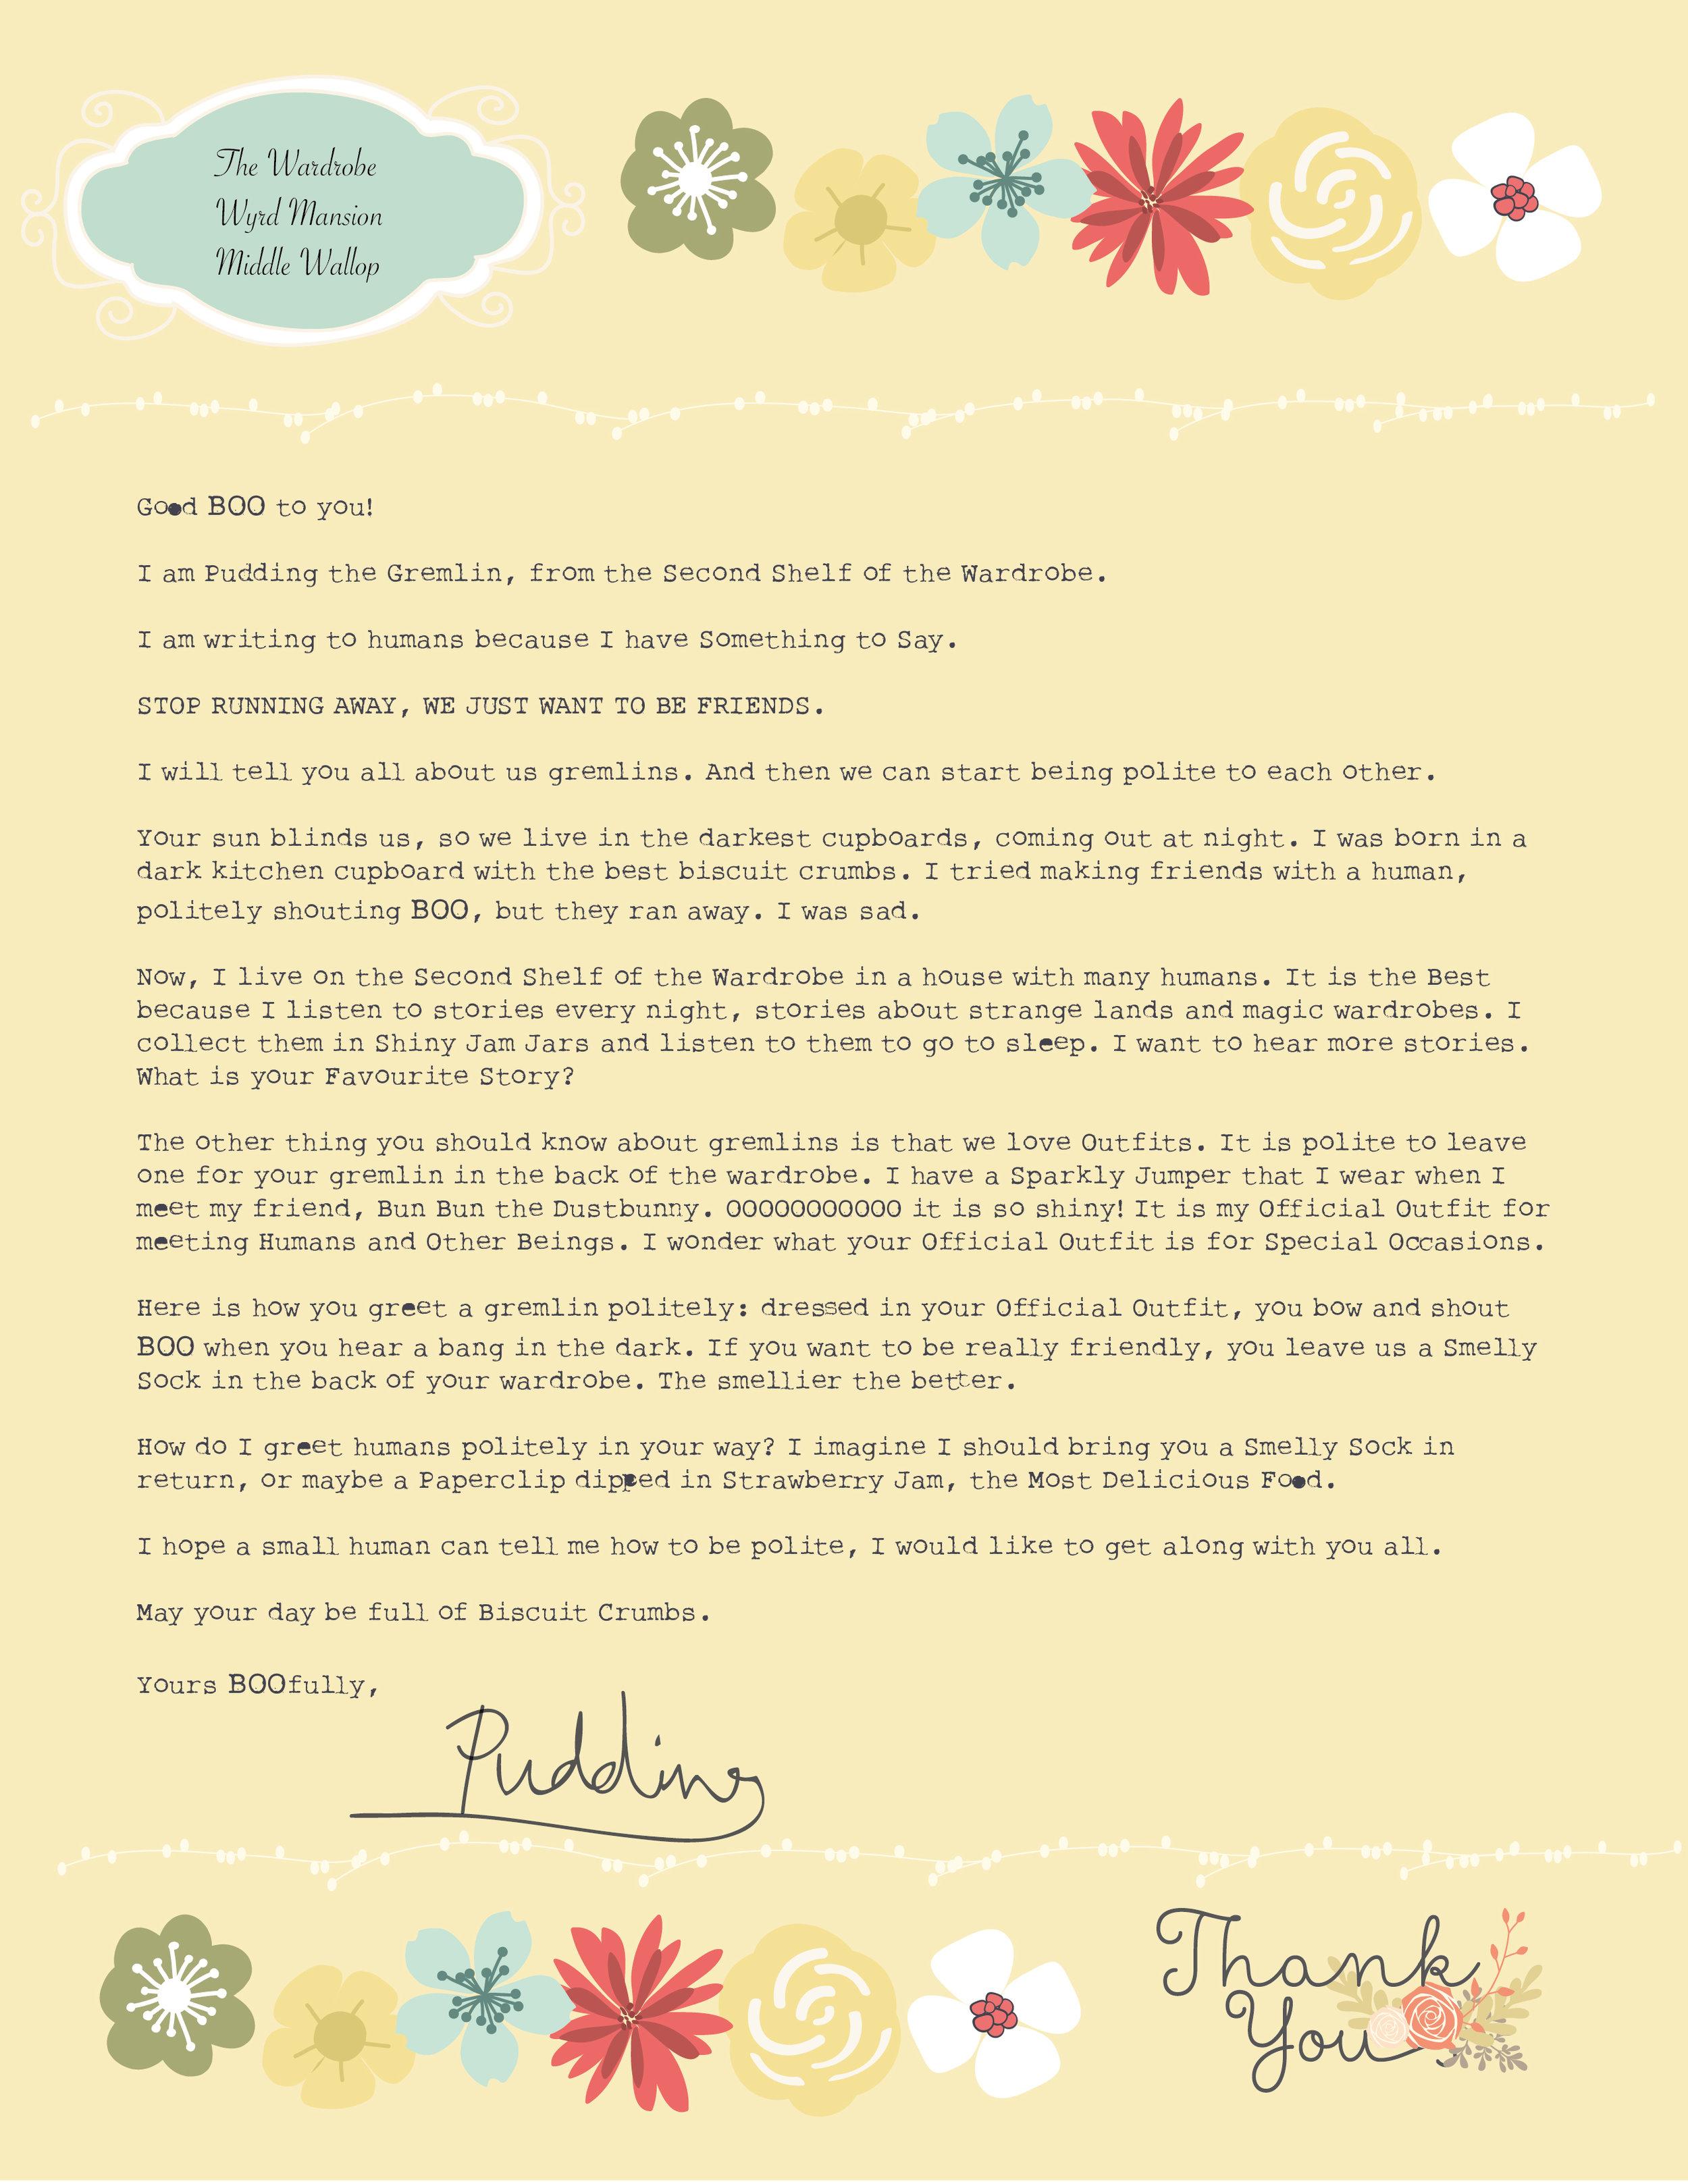 PuddingInTheWardrobe_letter-01.jpg